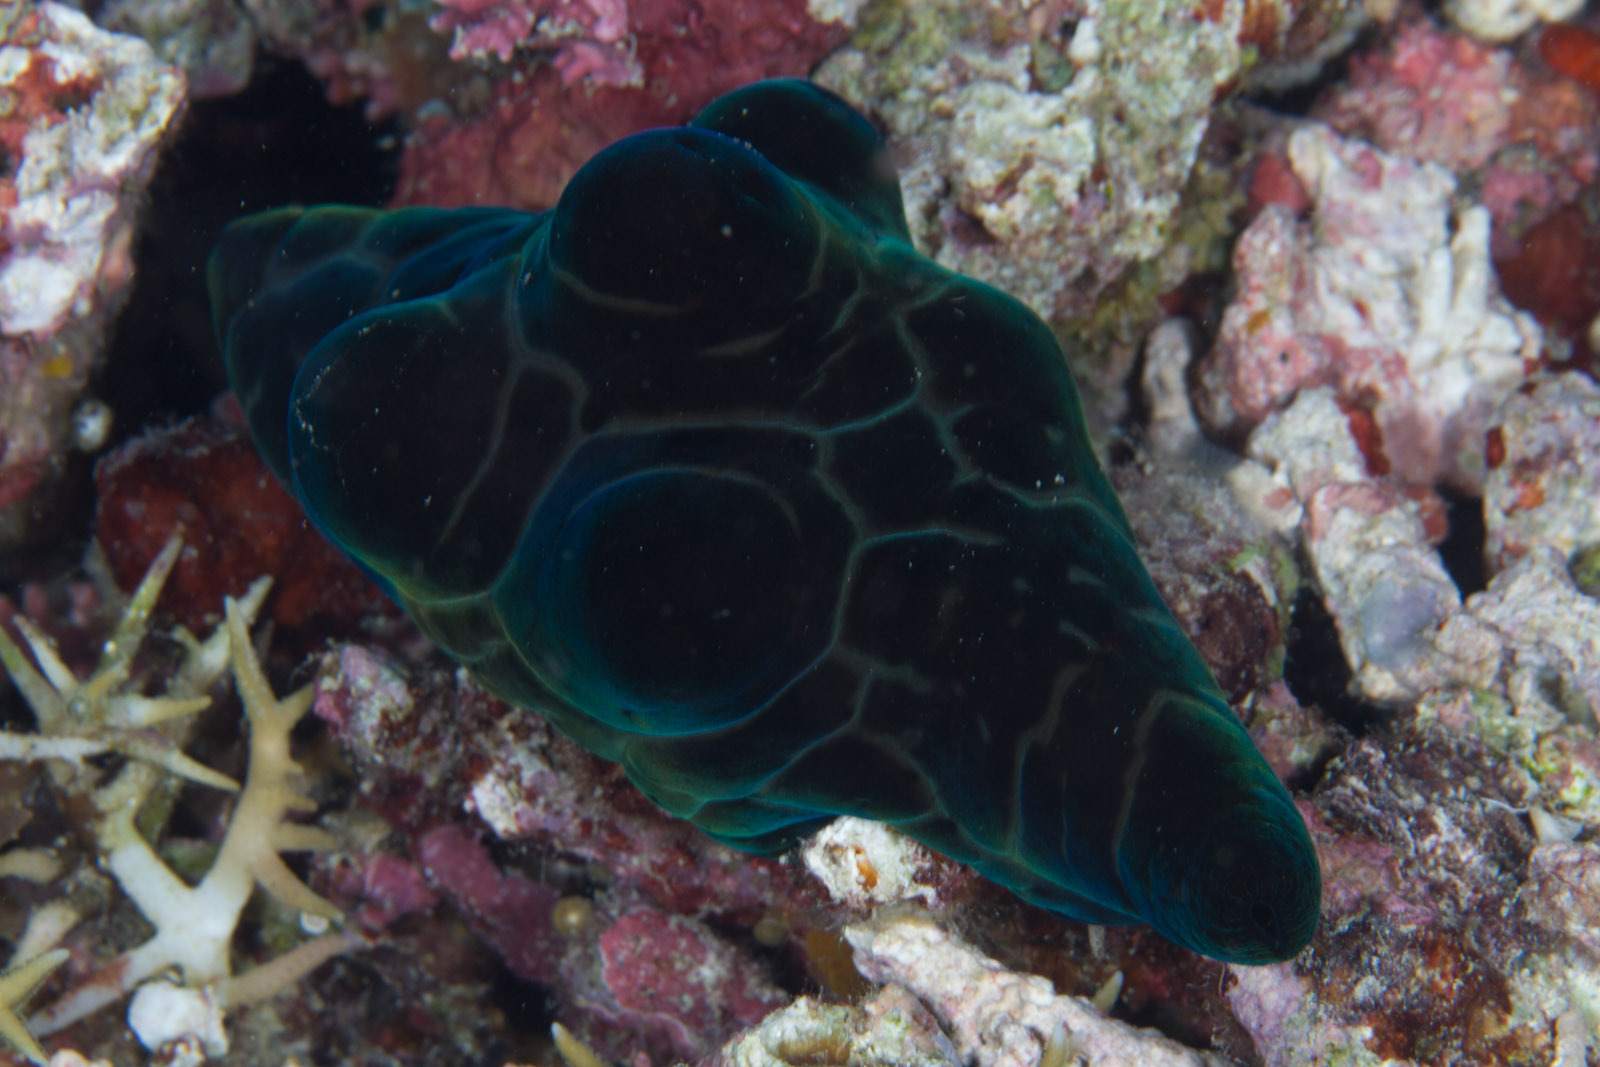 Image of velutin snail